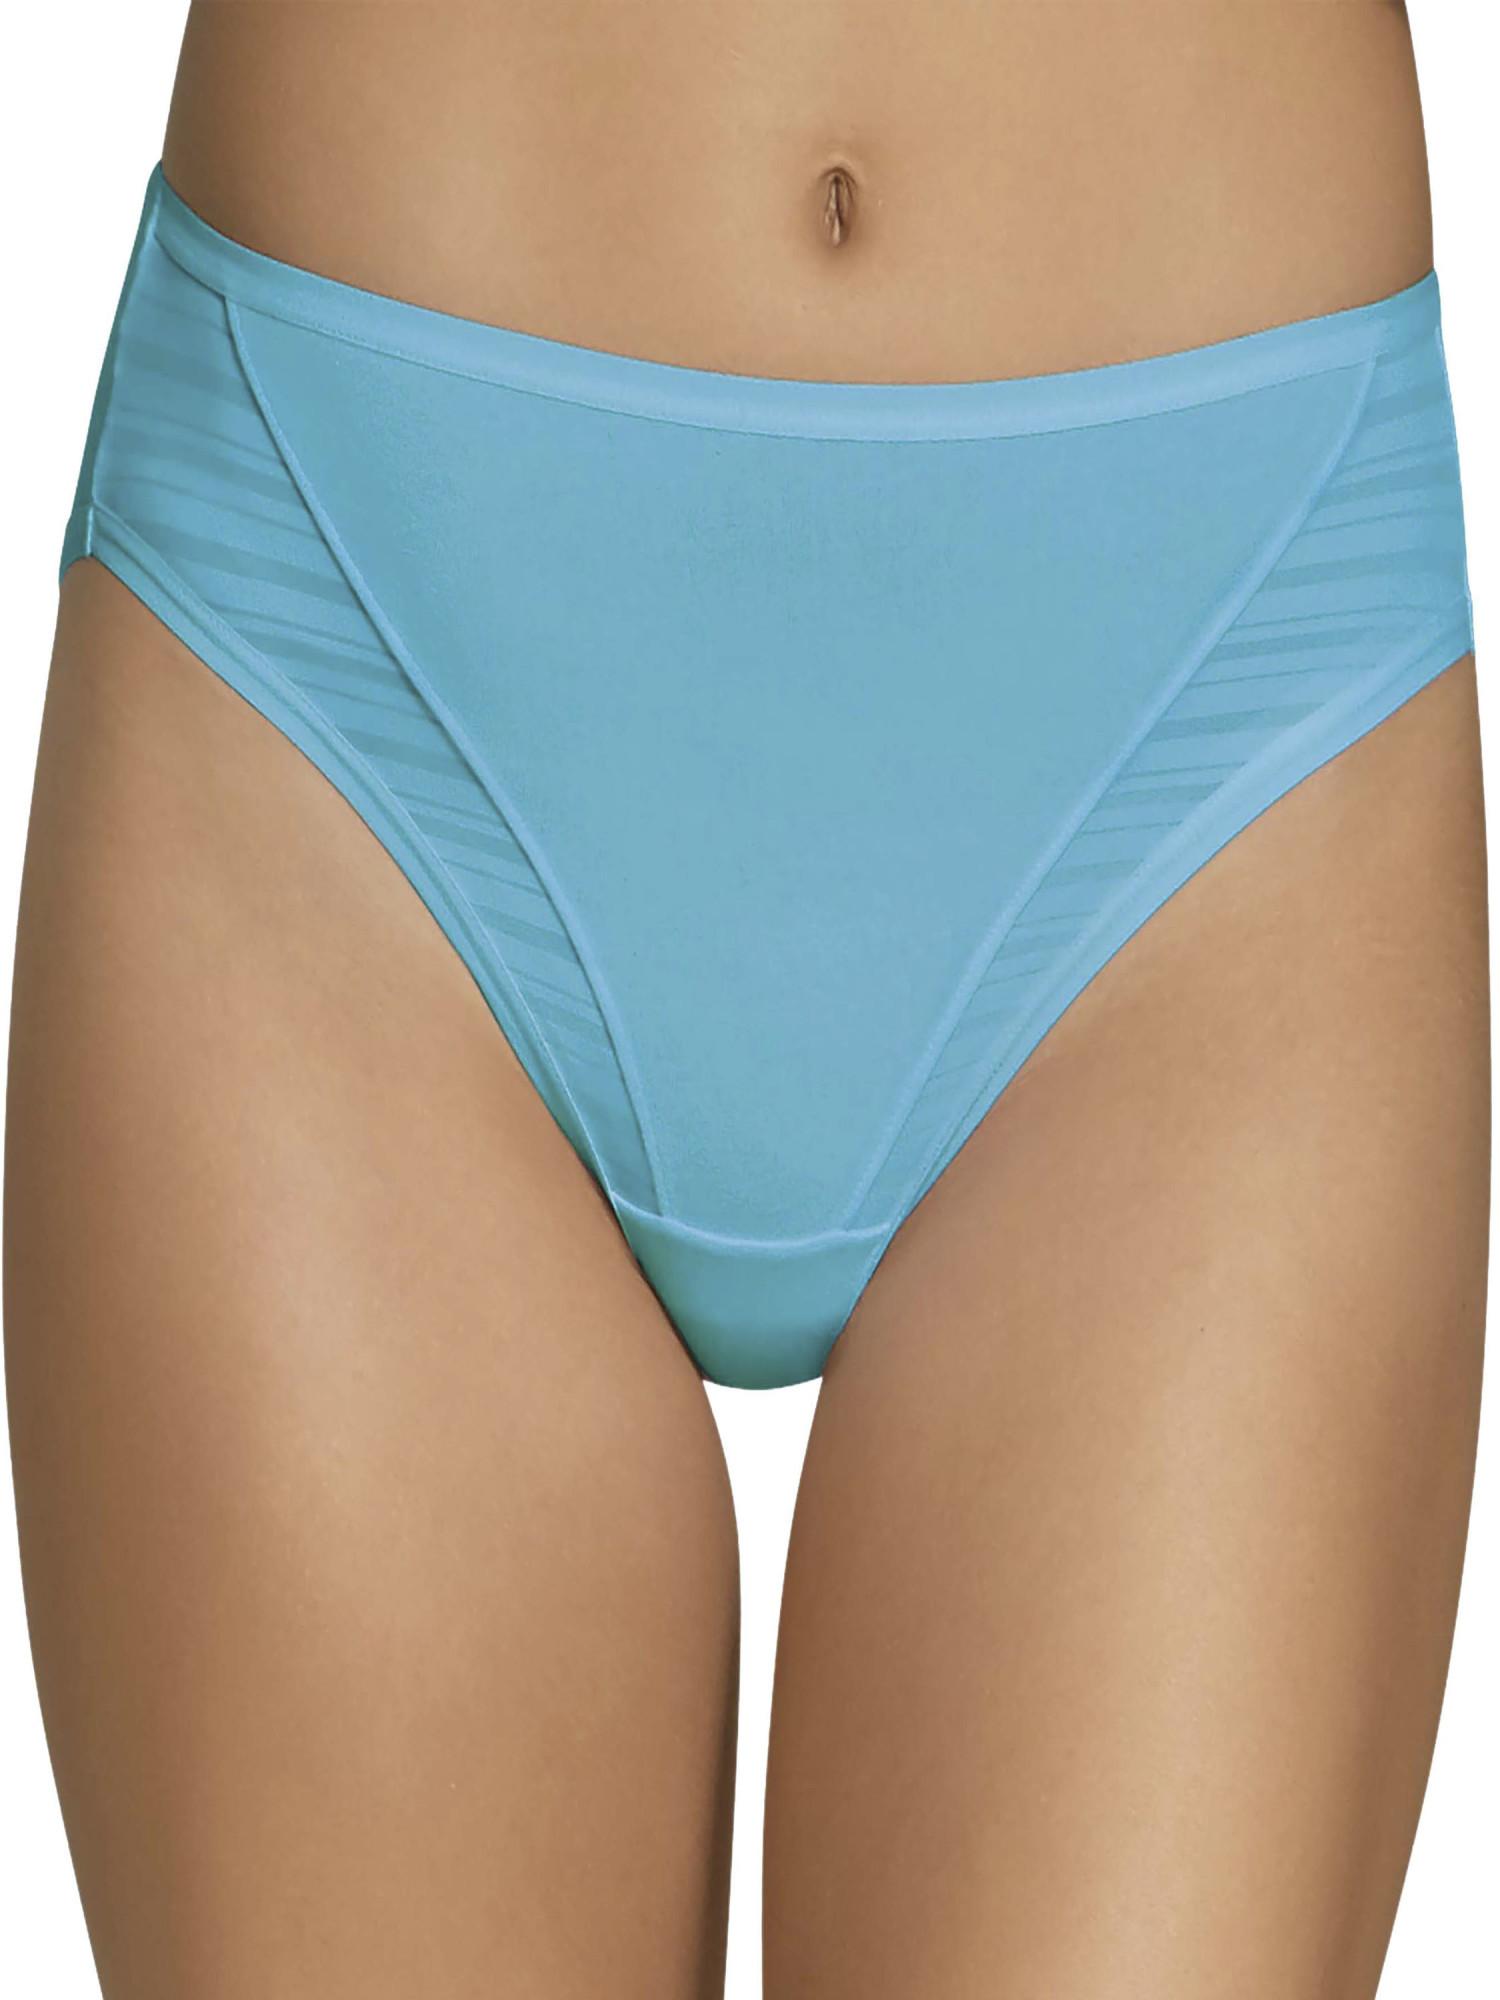 Women's Coolblend Hi-Cut Panties - 4 Pack